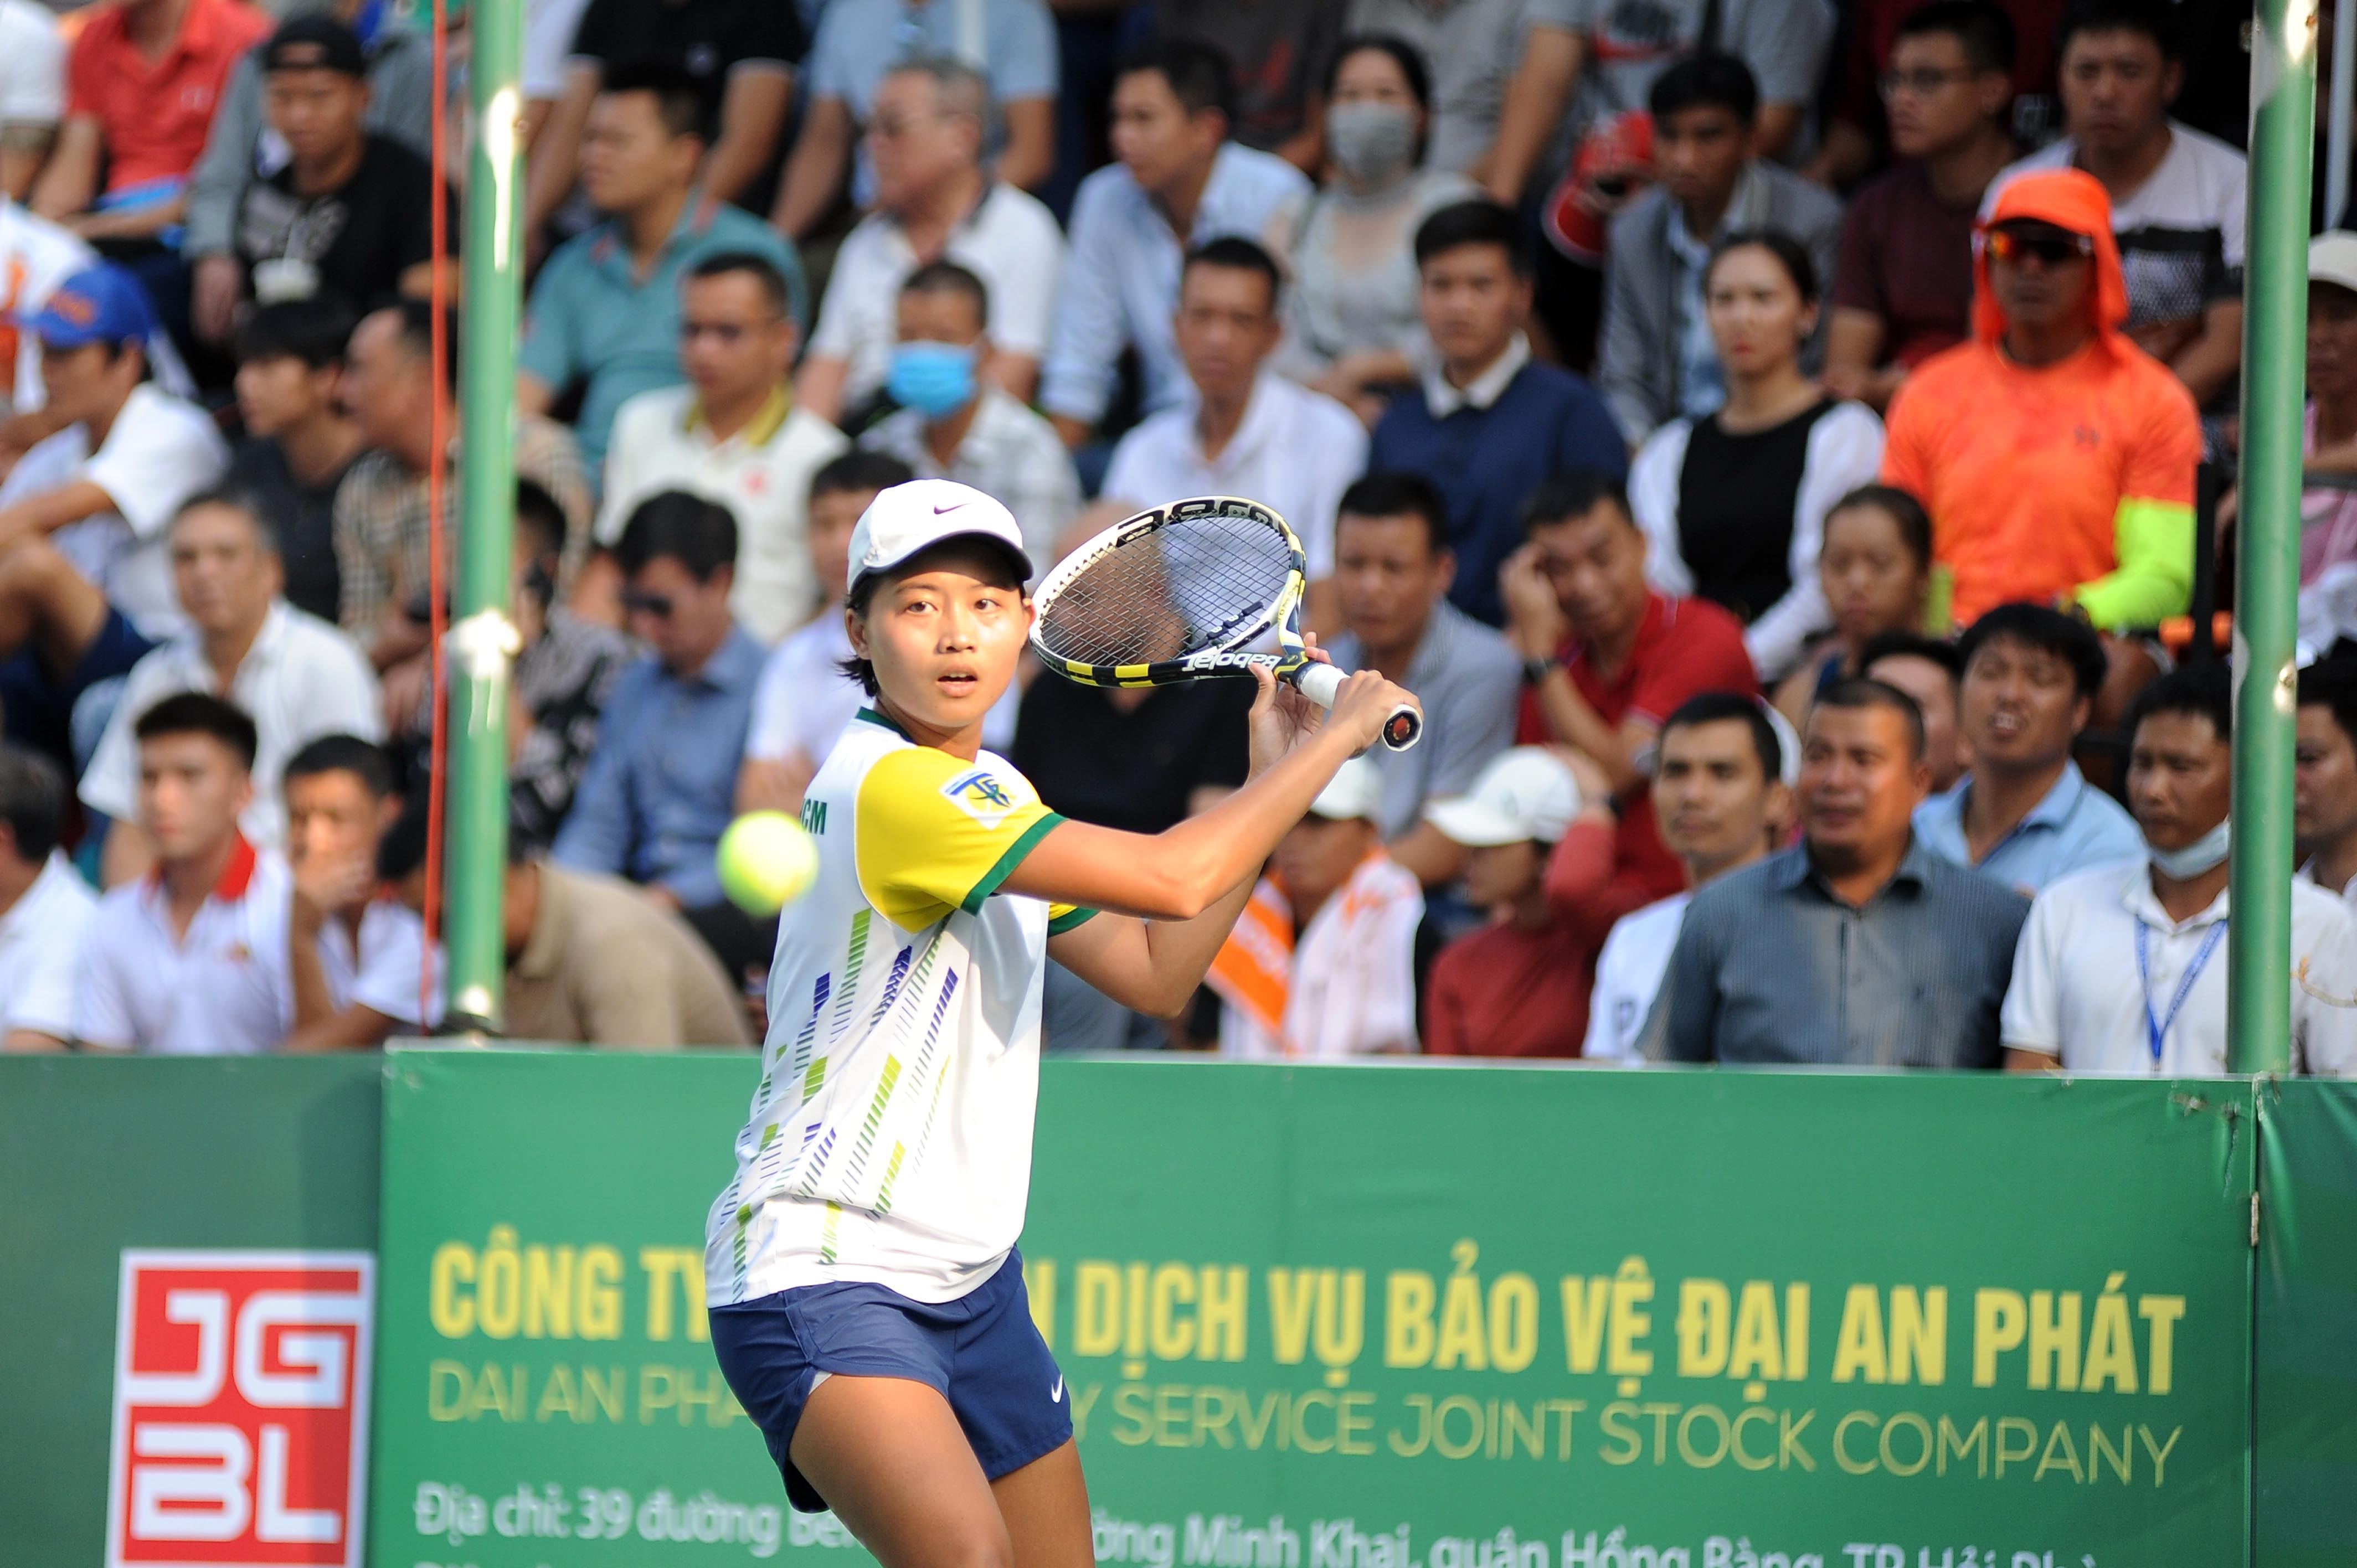 Hình ảnh: VTF Masters 500 – 2 – Lach Tray Cup 2020: Vũ Hà Minh Đức gây bất ngờ số 4